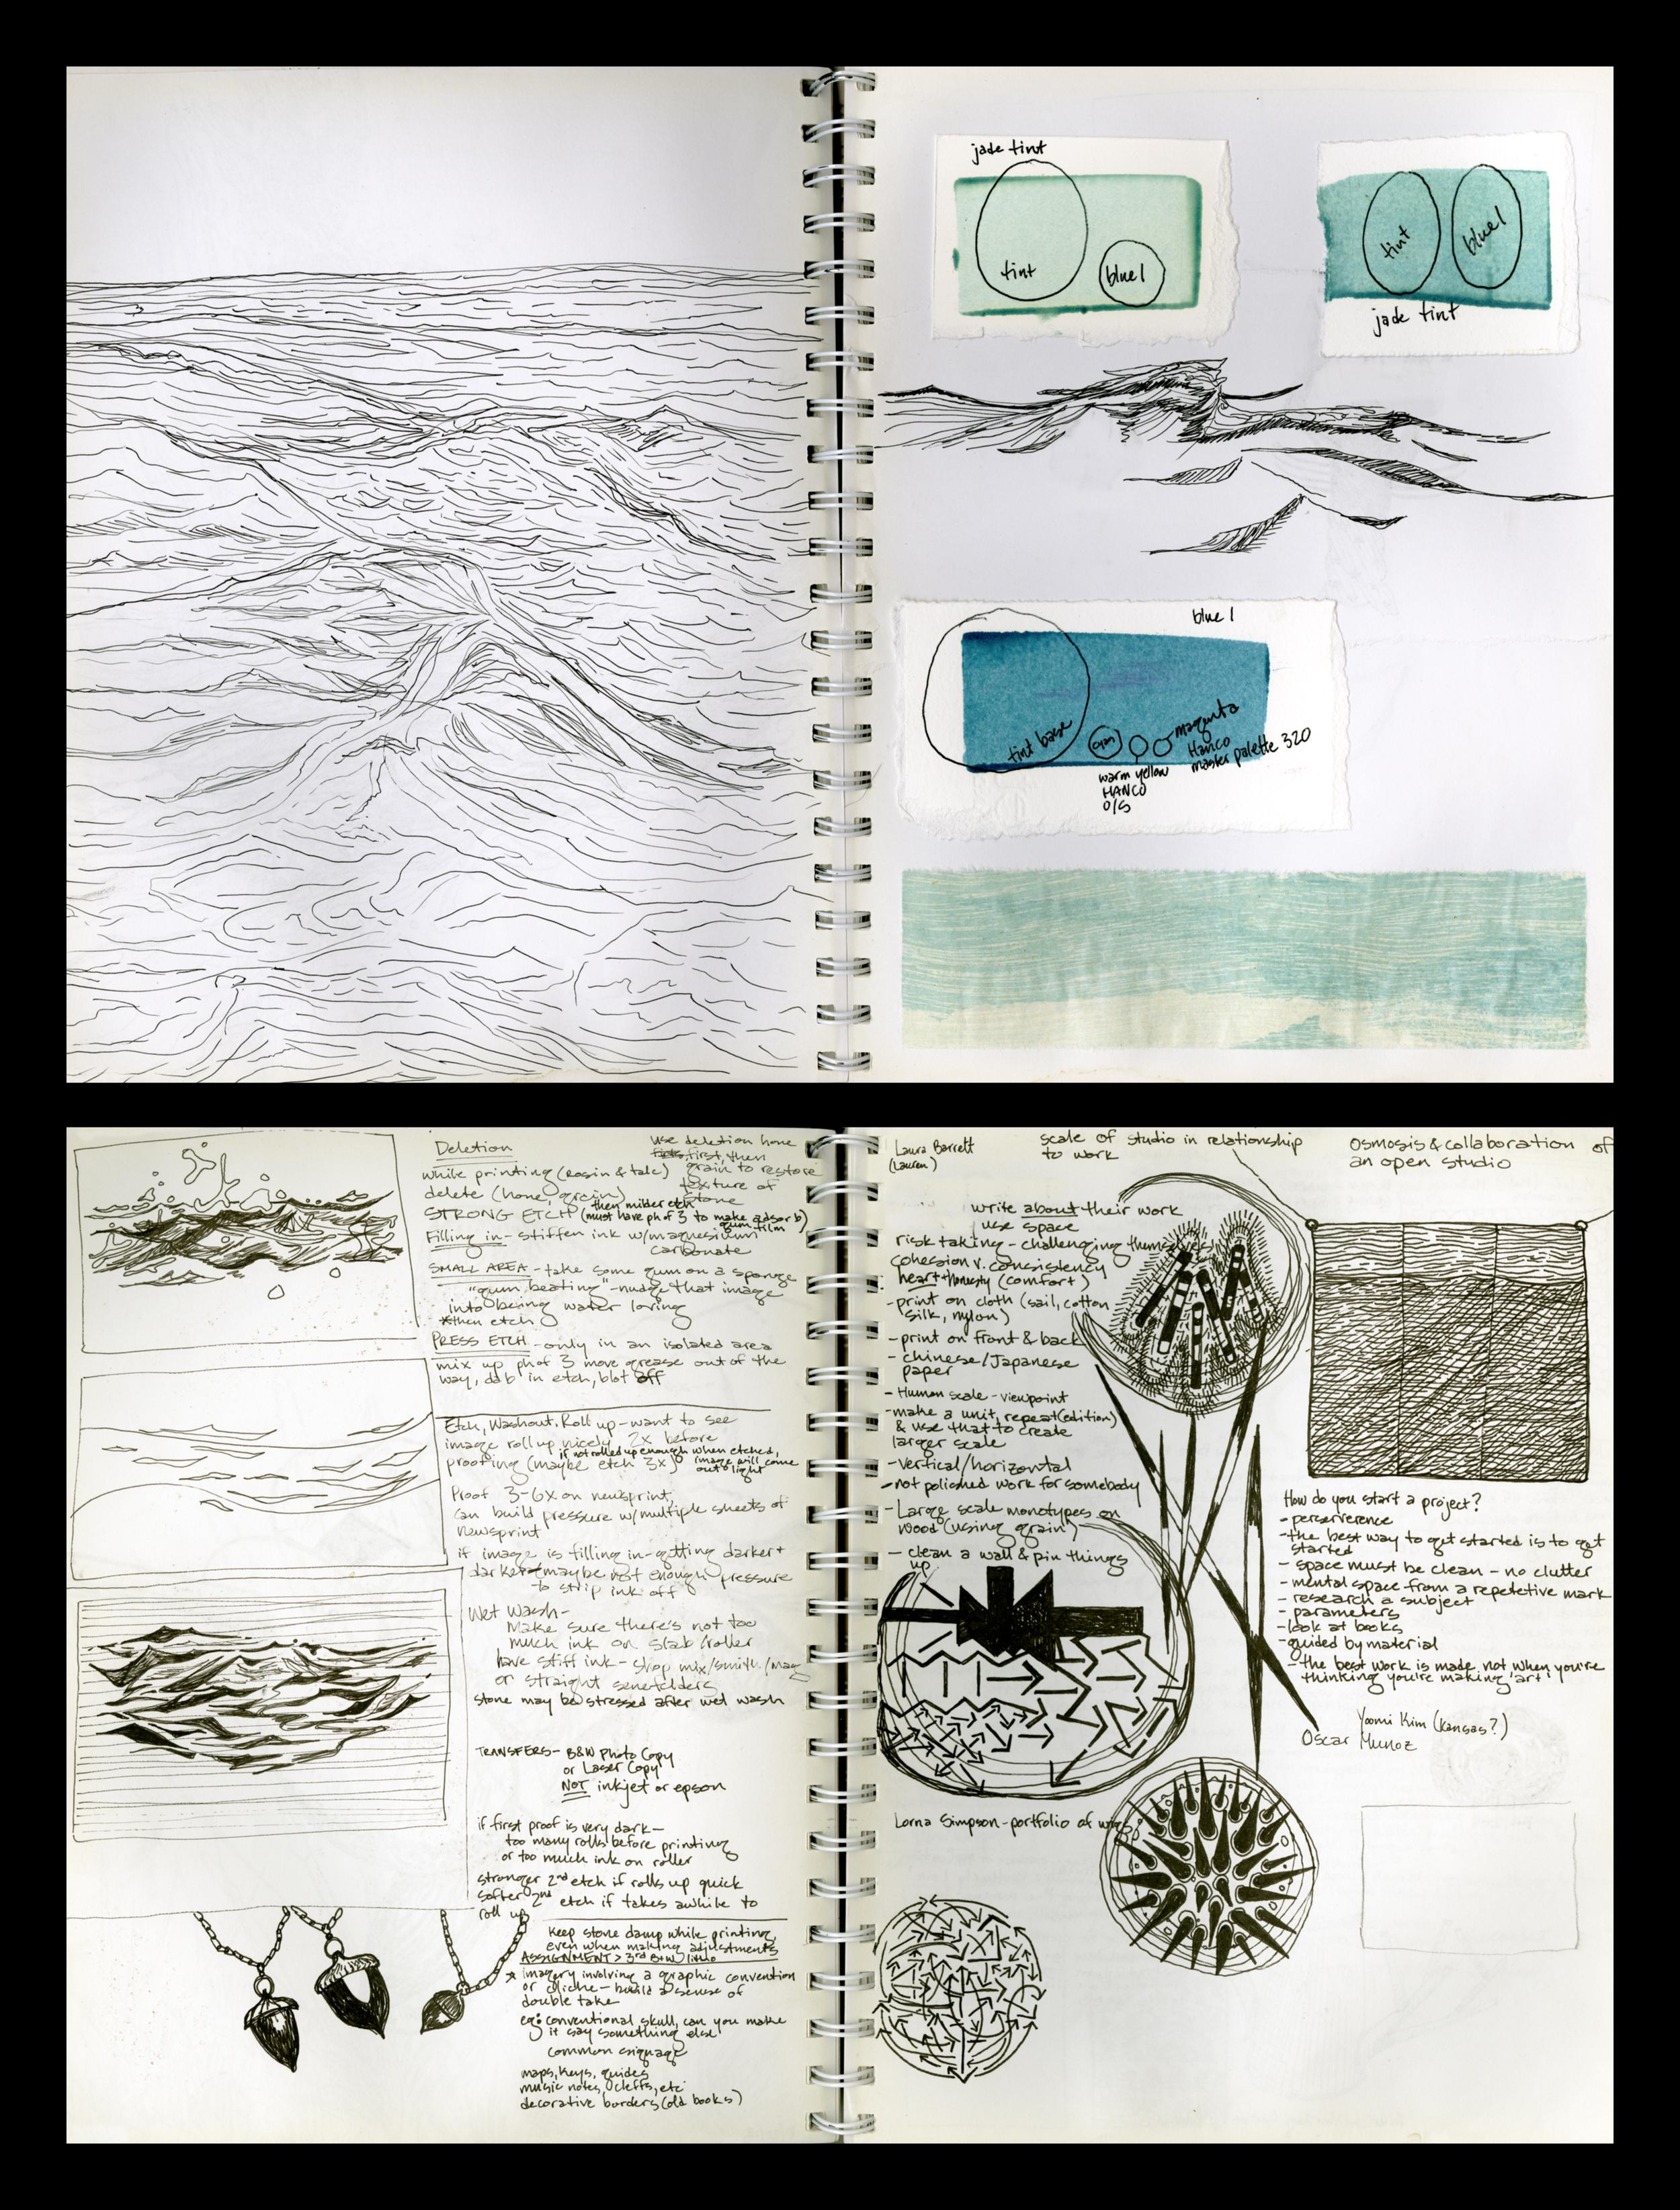 Atlantic Ocean Drawings, Studio Research //2012-2013